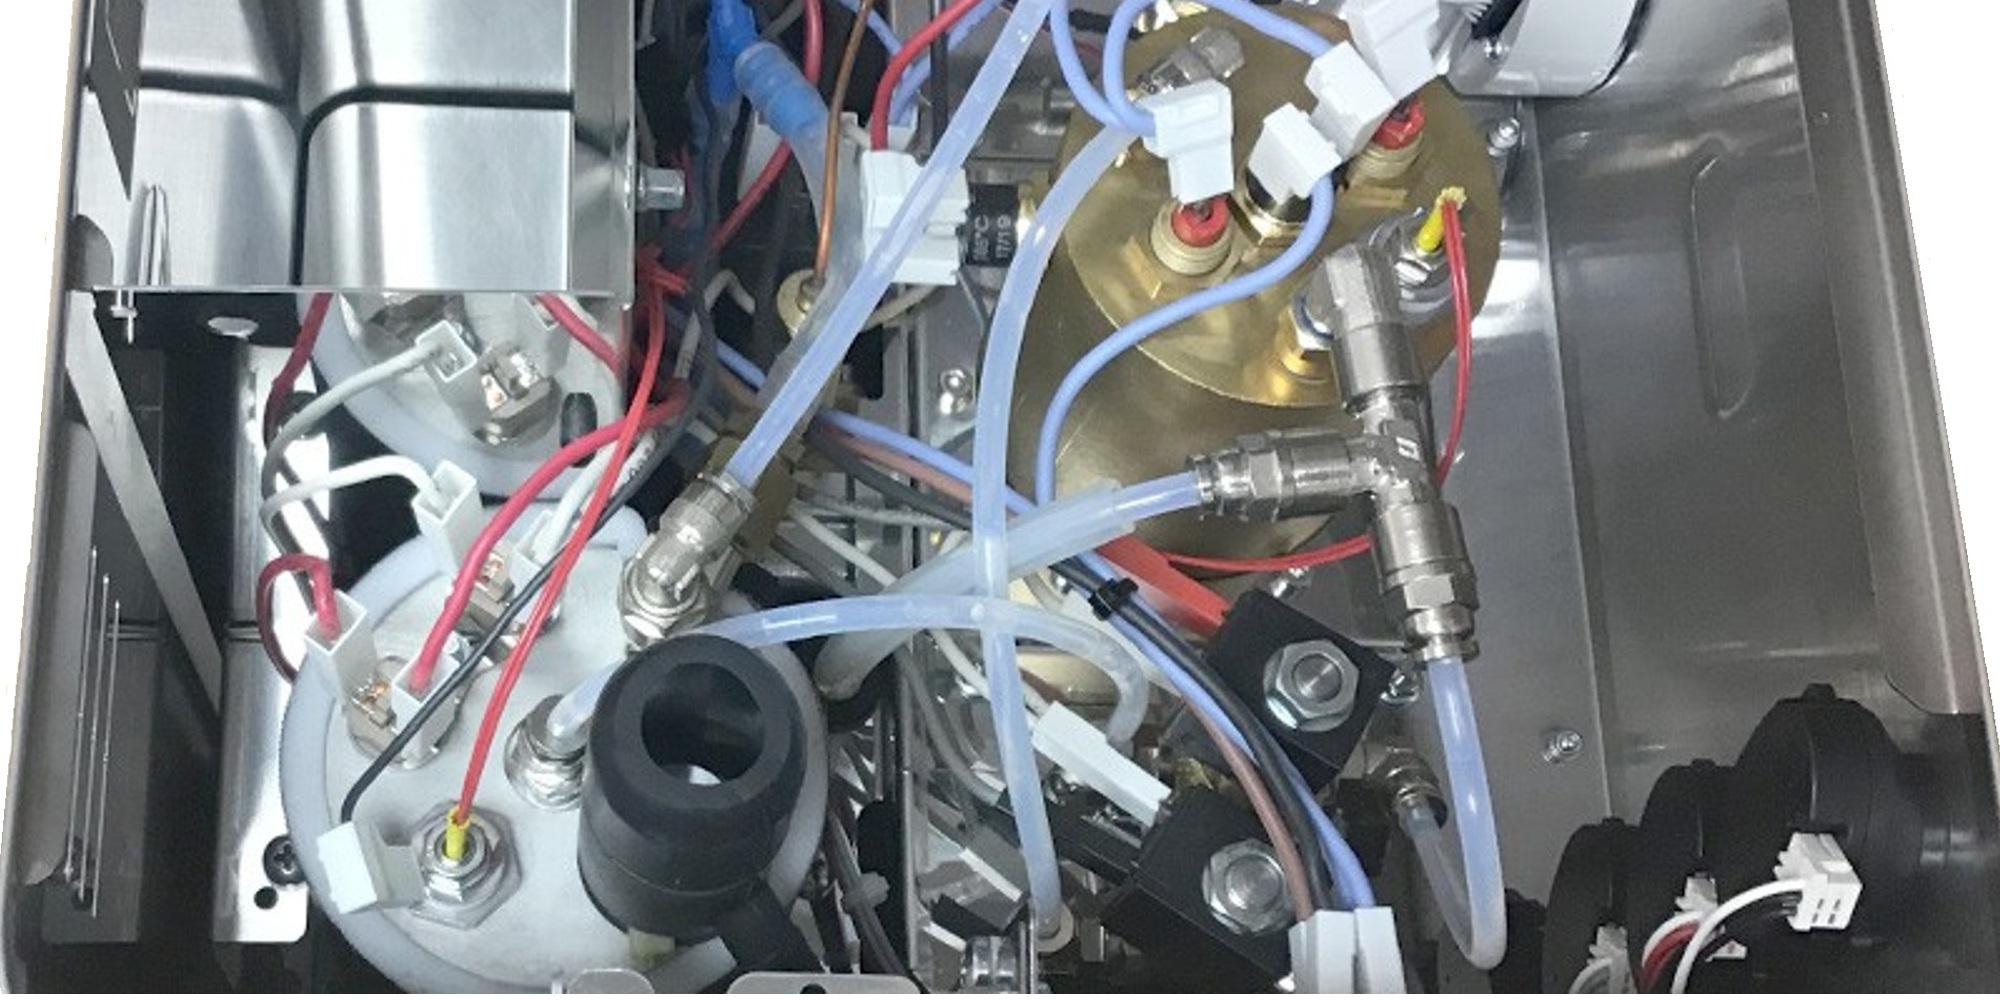 lelit-elizabeth-pl92t-double-boiler-cropped.jpg